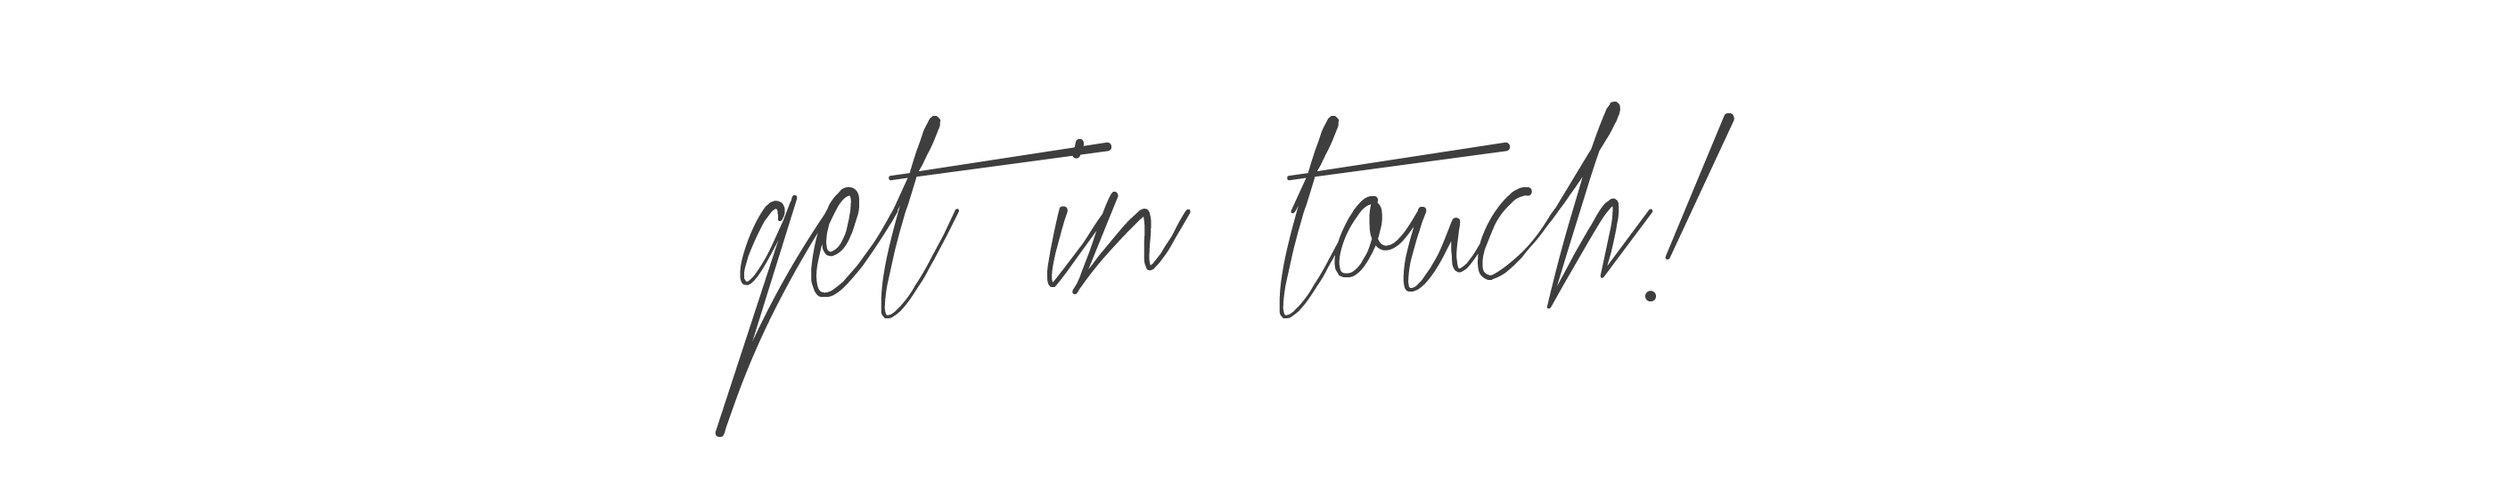 Tagline2(new)_edited-1.png